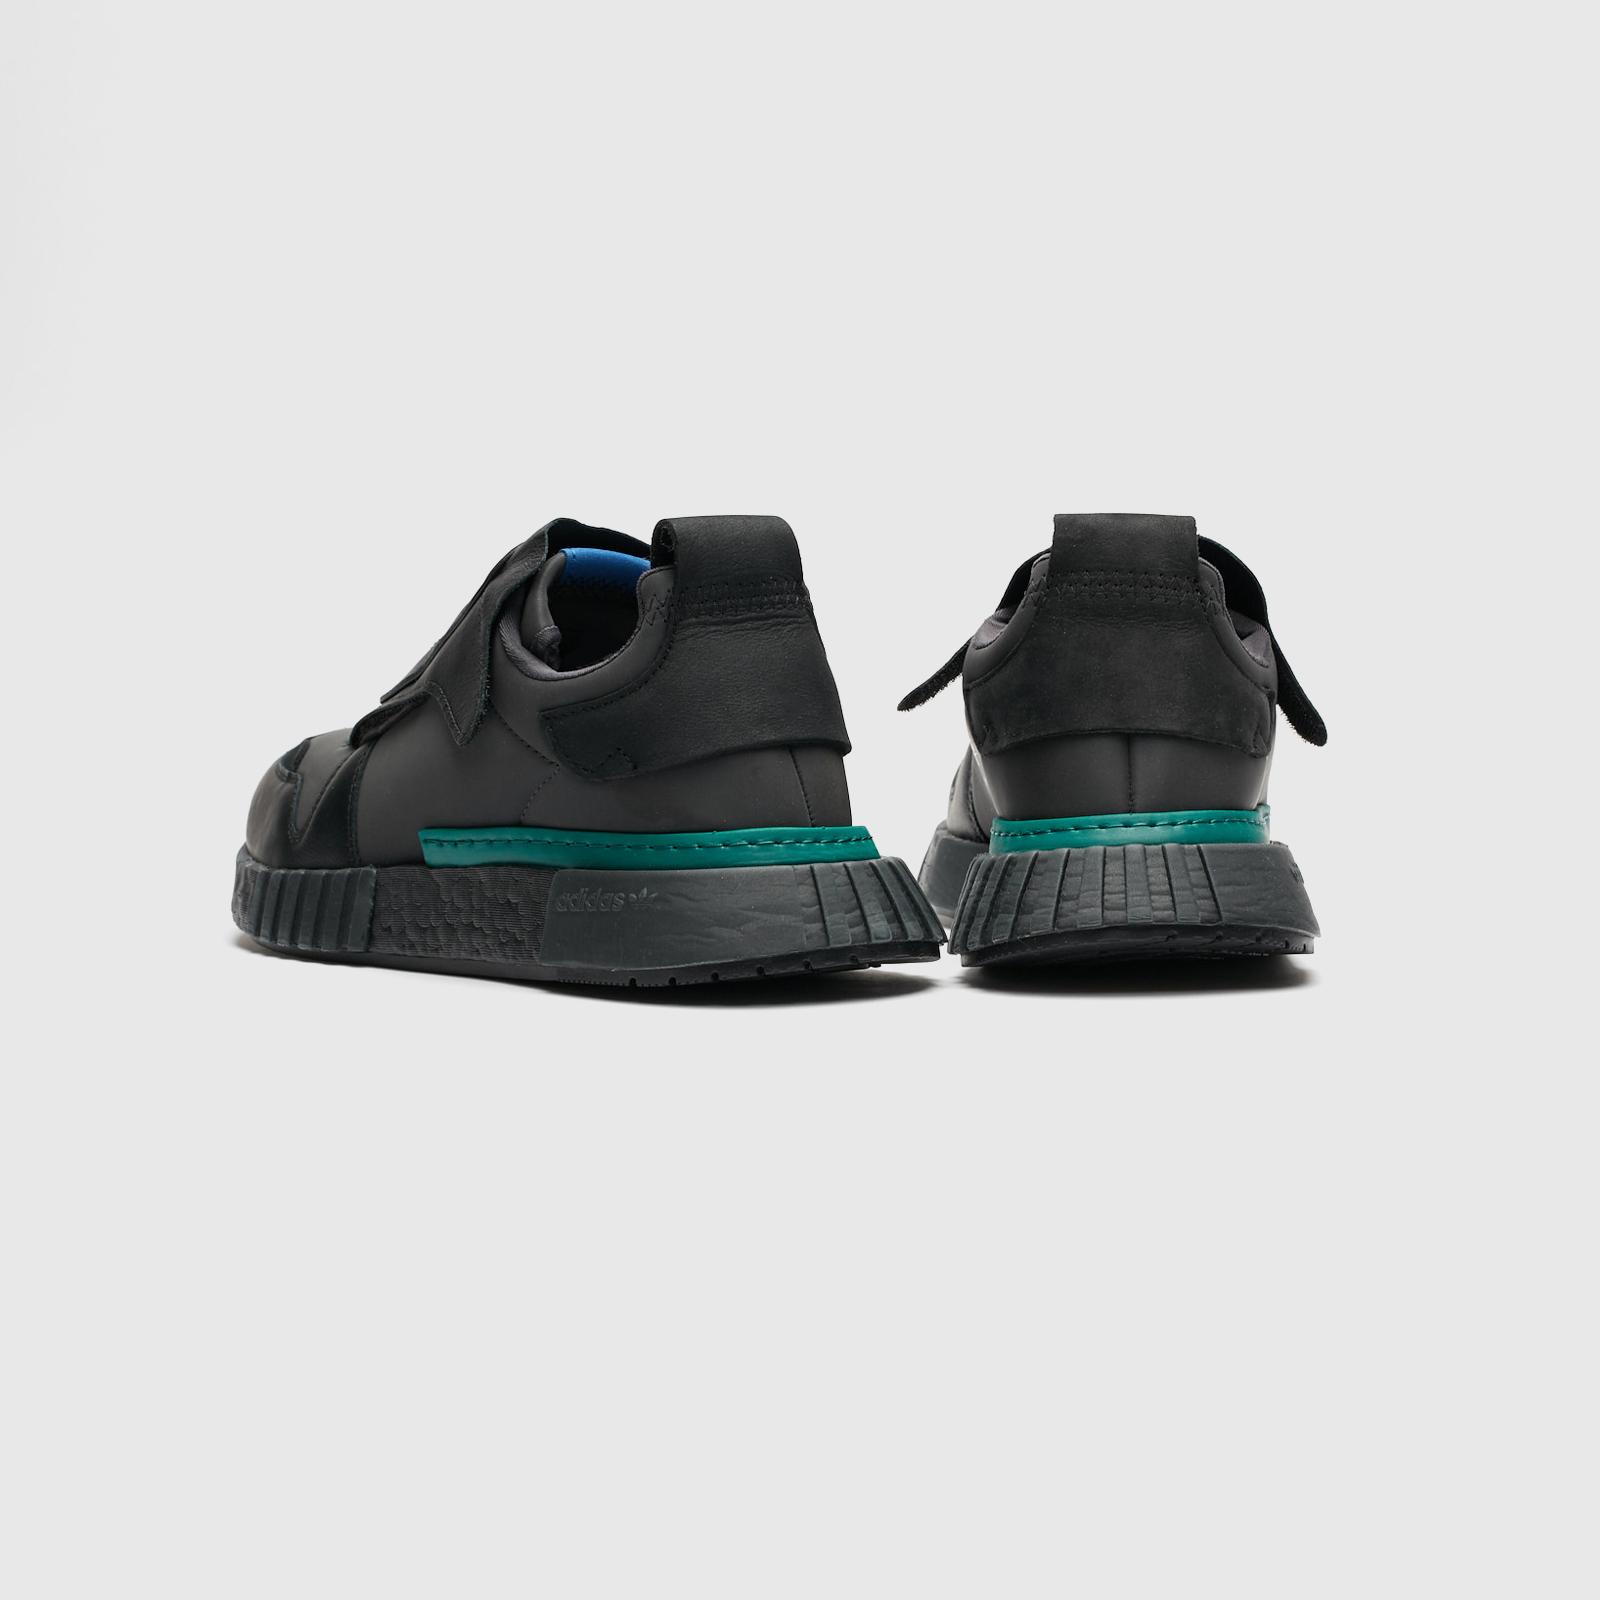 new product d1e3e 49b95 adidas Originals Futurepacer adidas Originals Futurepacer ...